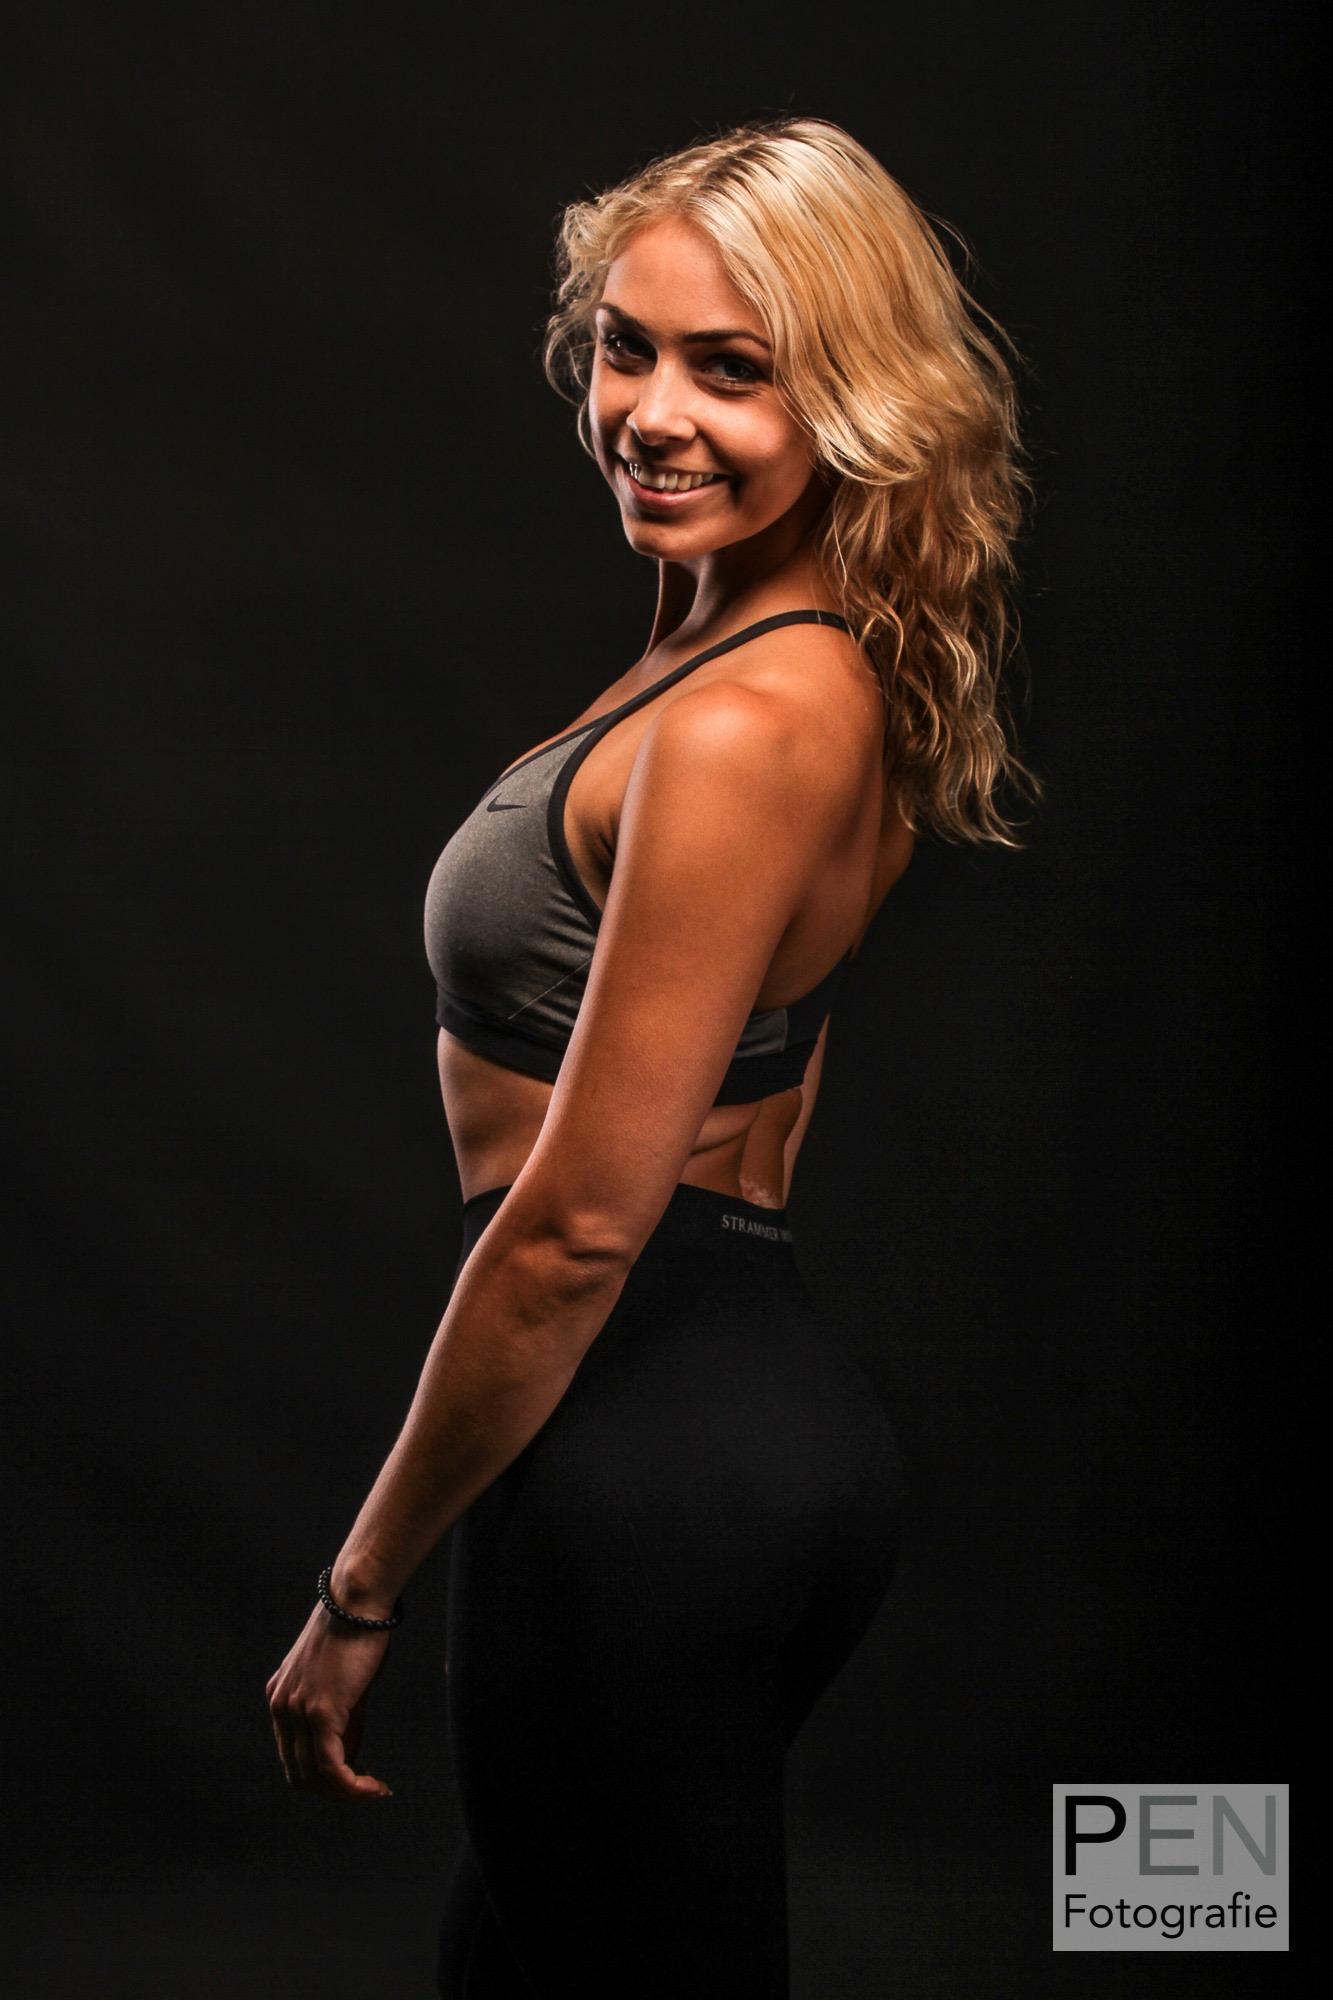 Michelle_Schäfer 2